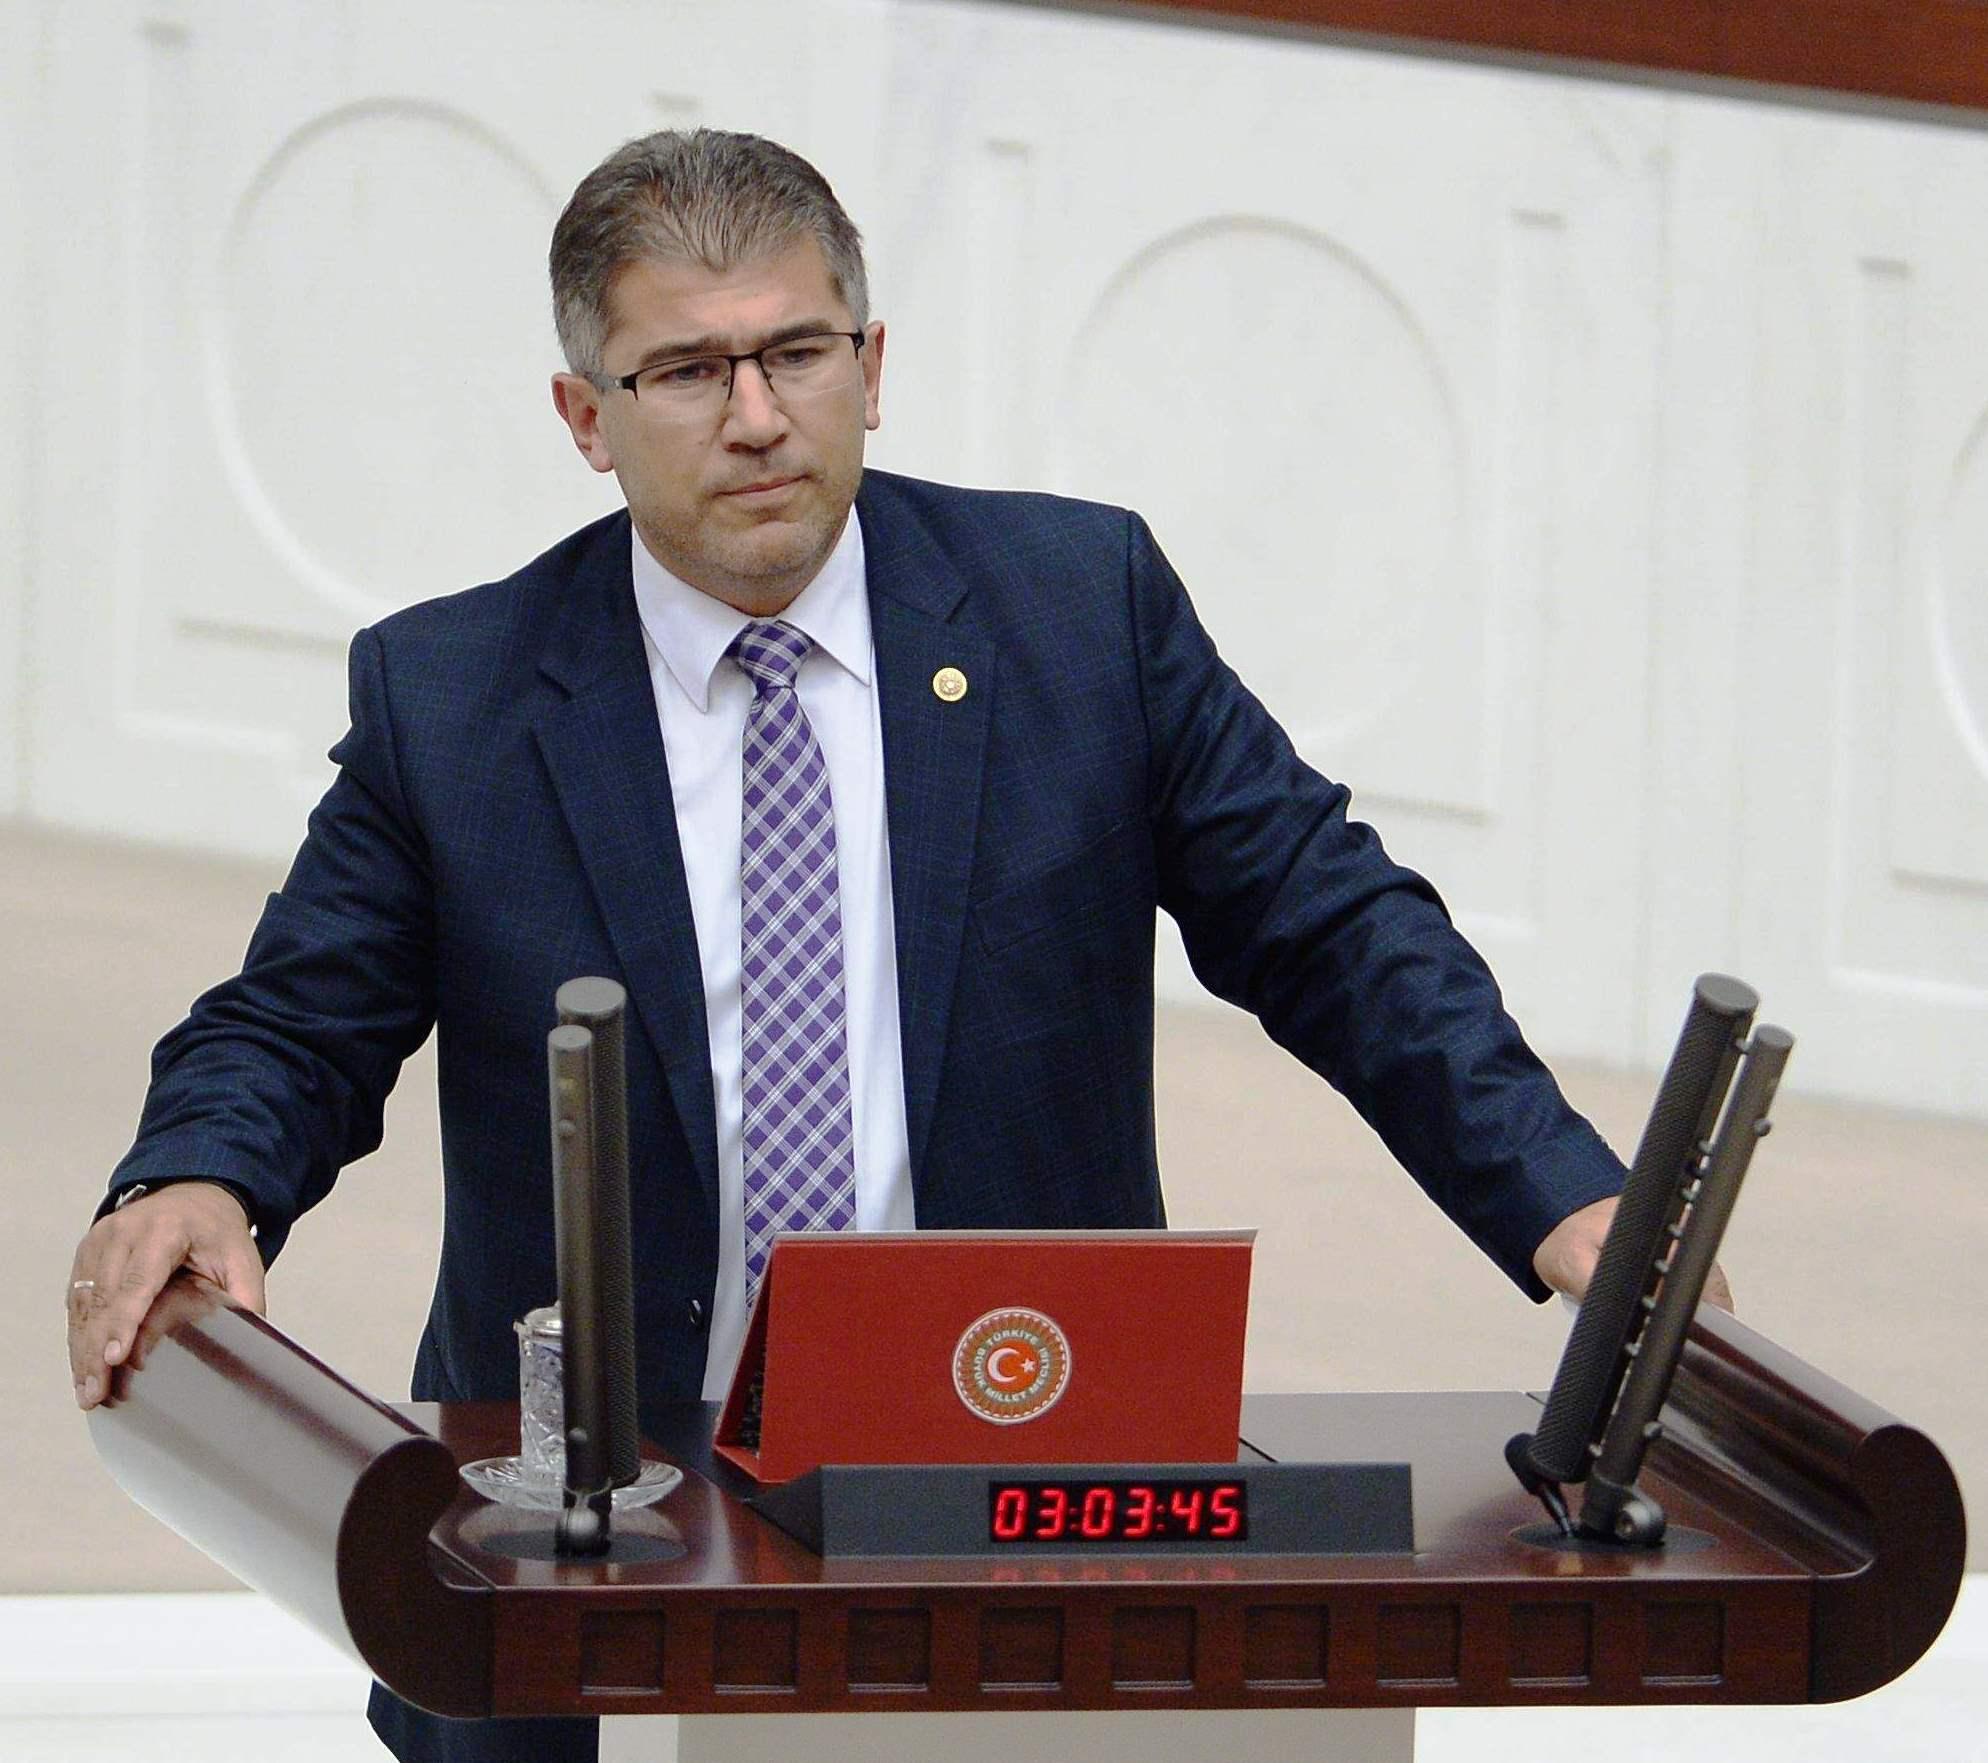 AK Parti Muğla Milletvekili Öztürk: FETHİYE İL OLMAYI HAKEDİYOR